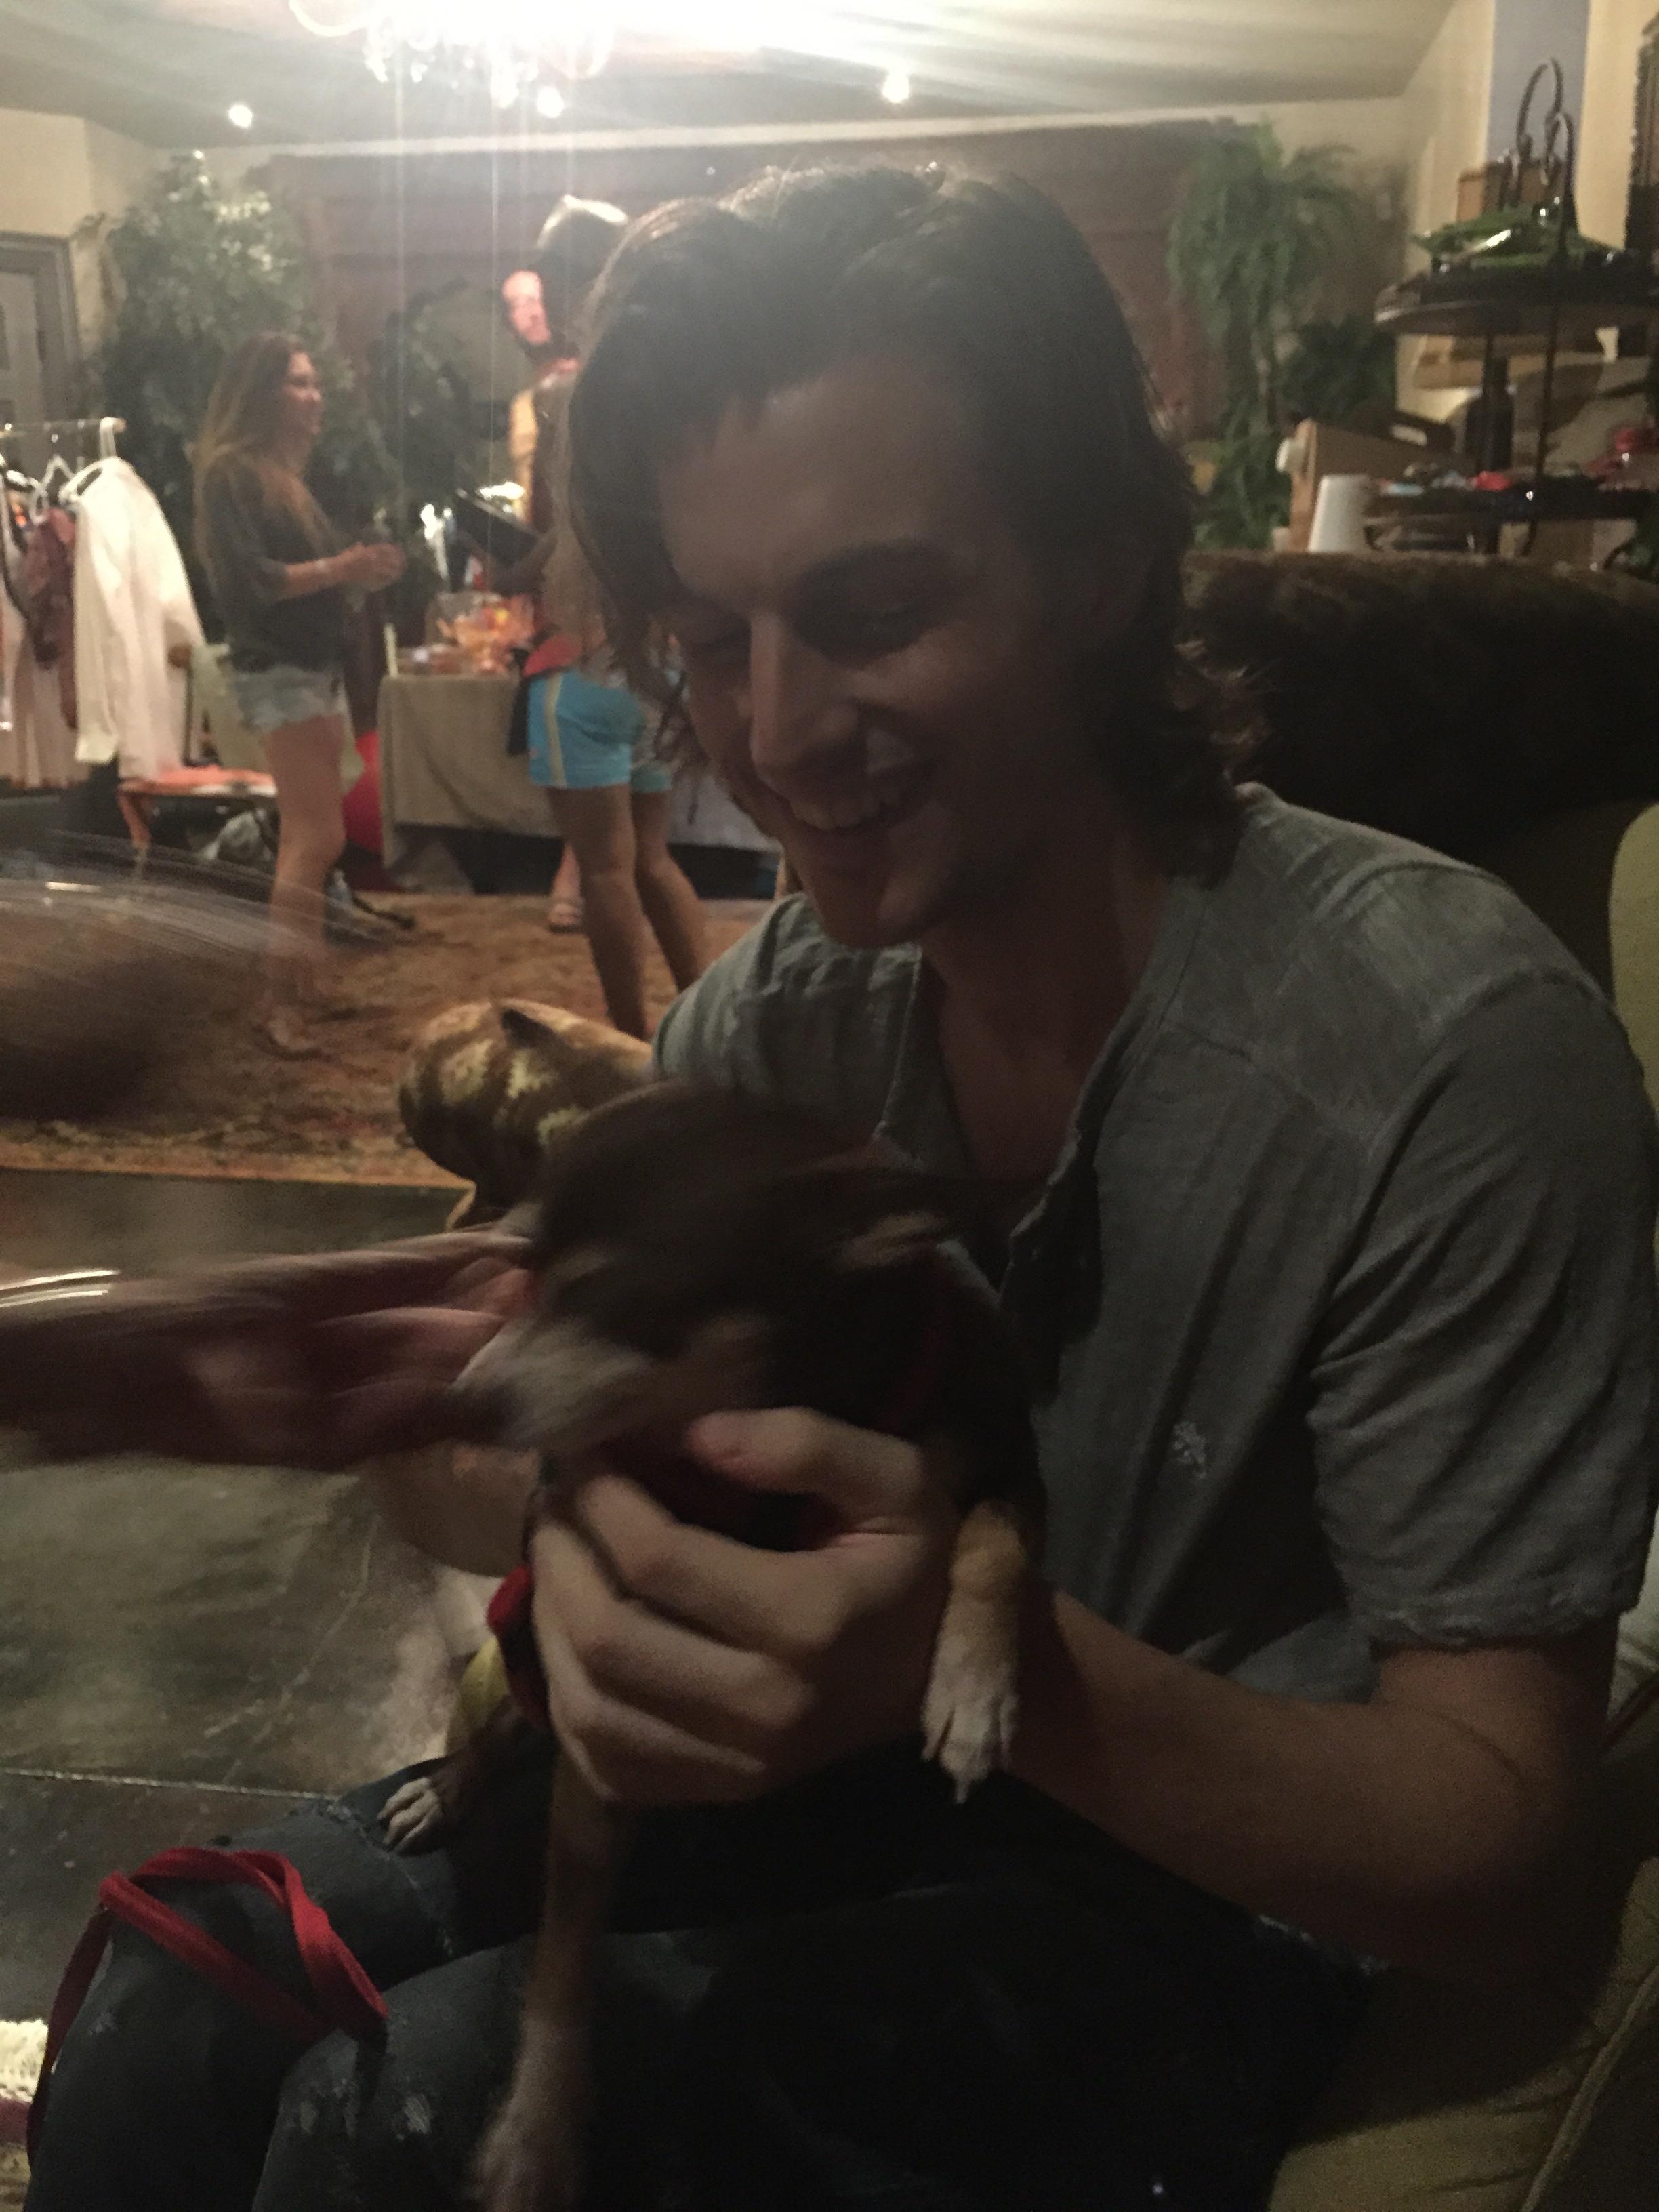 Ahhhh, a puppy!